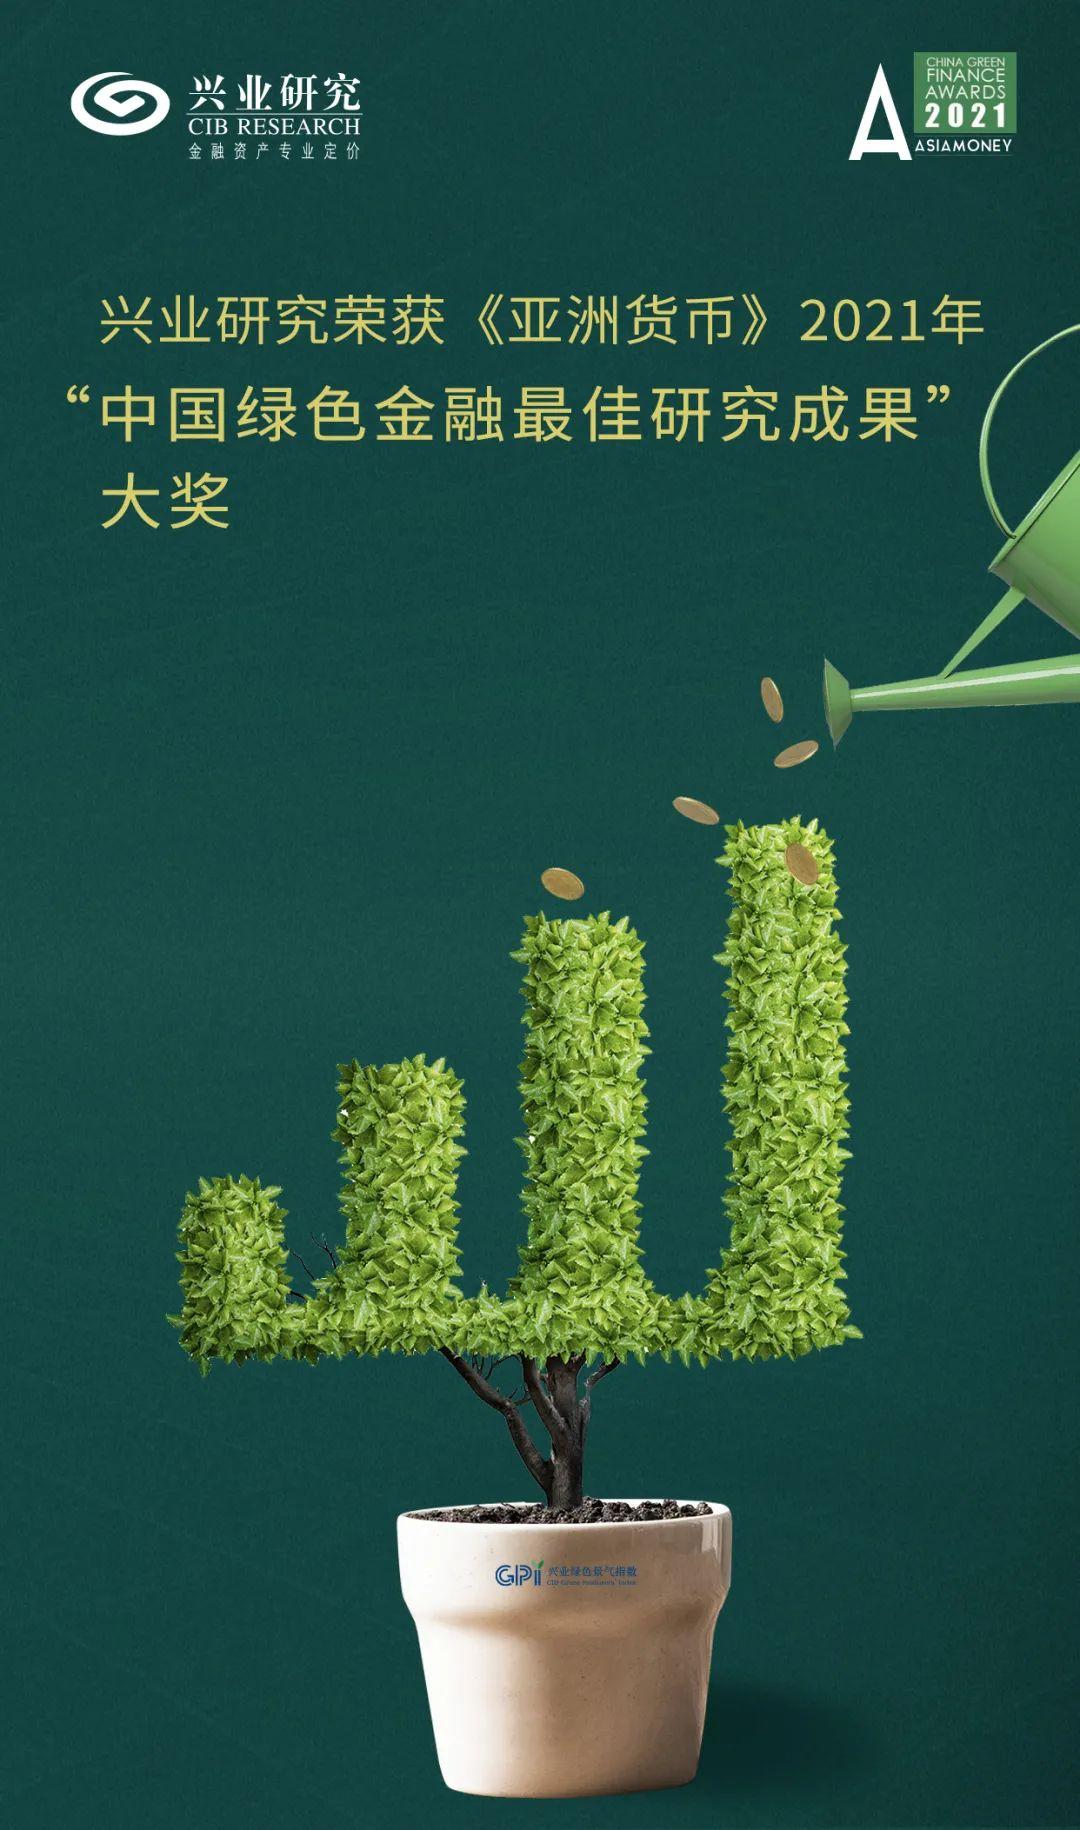 """【动态】兴业研究两度折桂《亚洲货币》 """"中国绿色金融最佳研究成果""""大奖"""